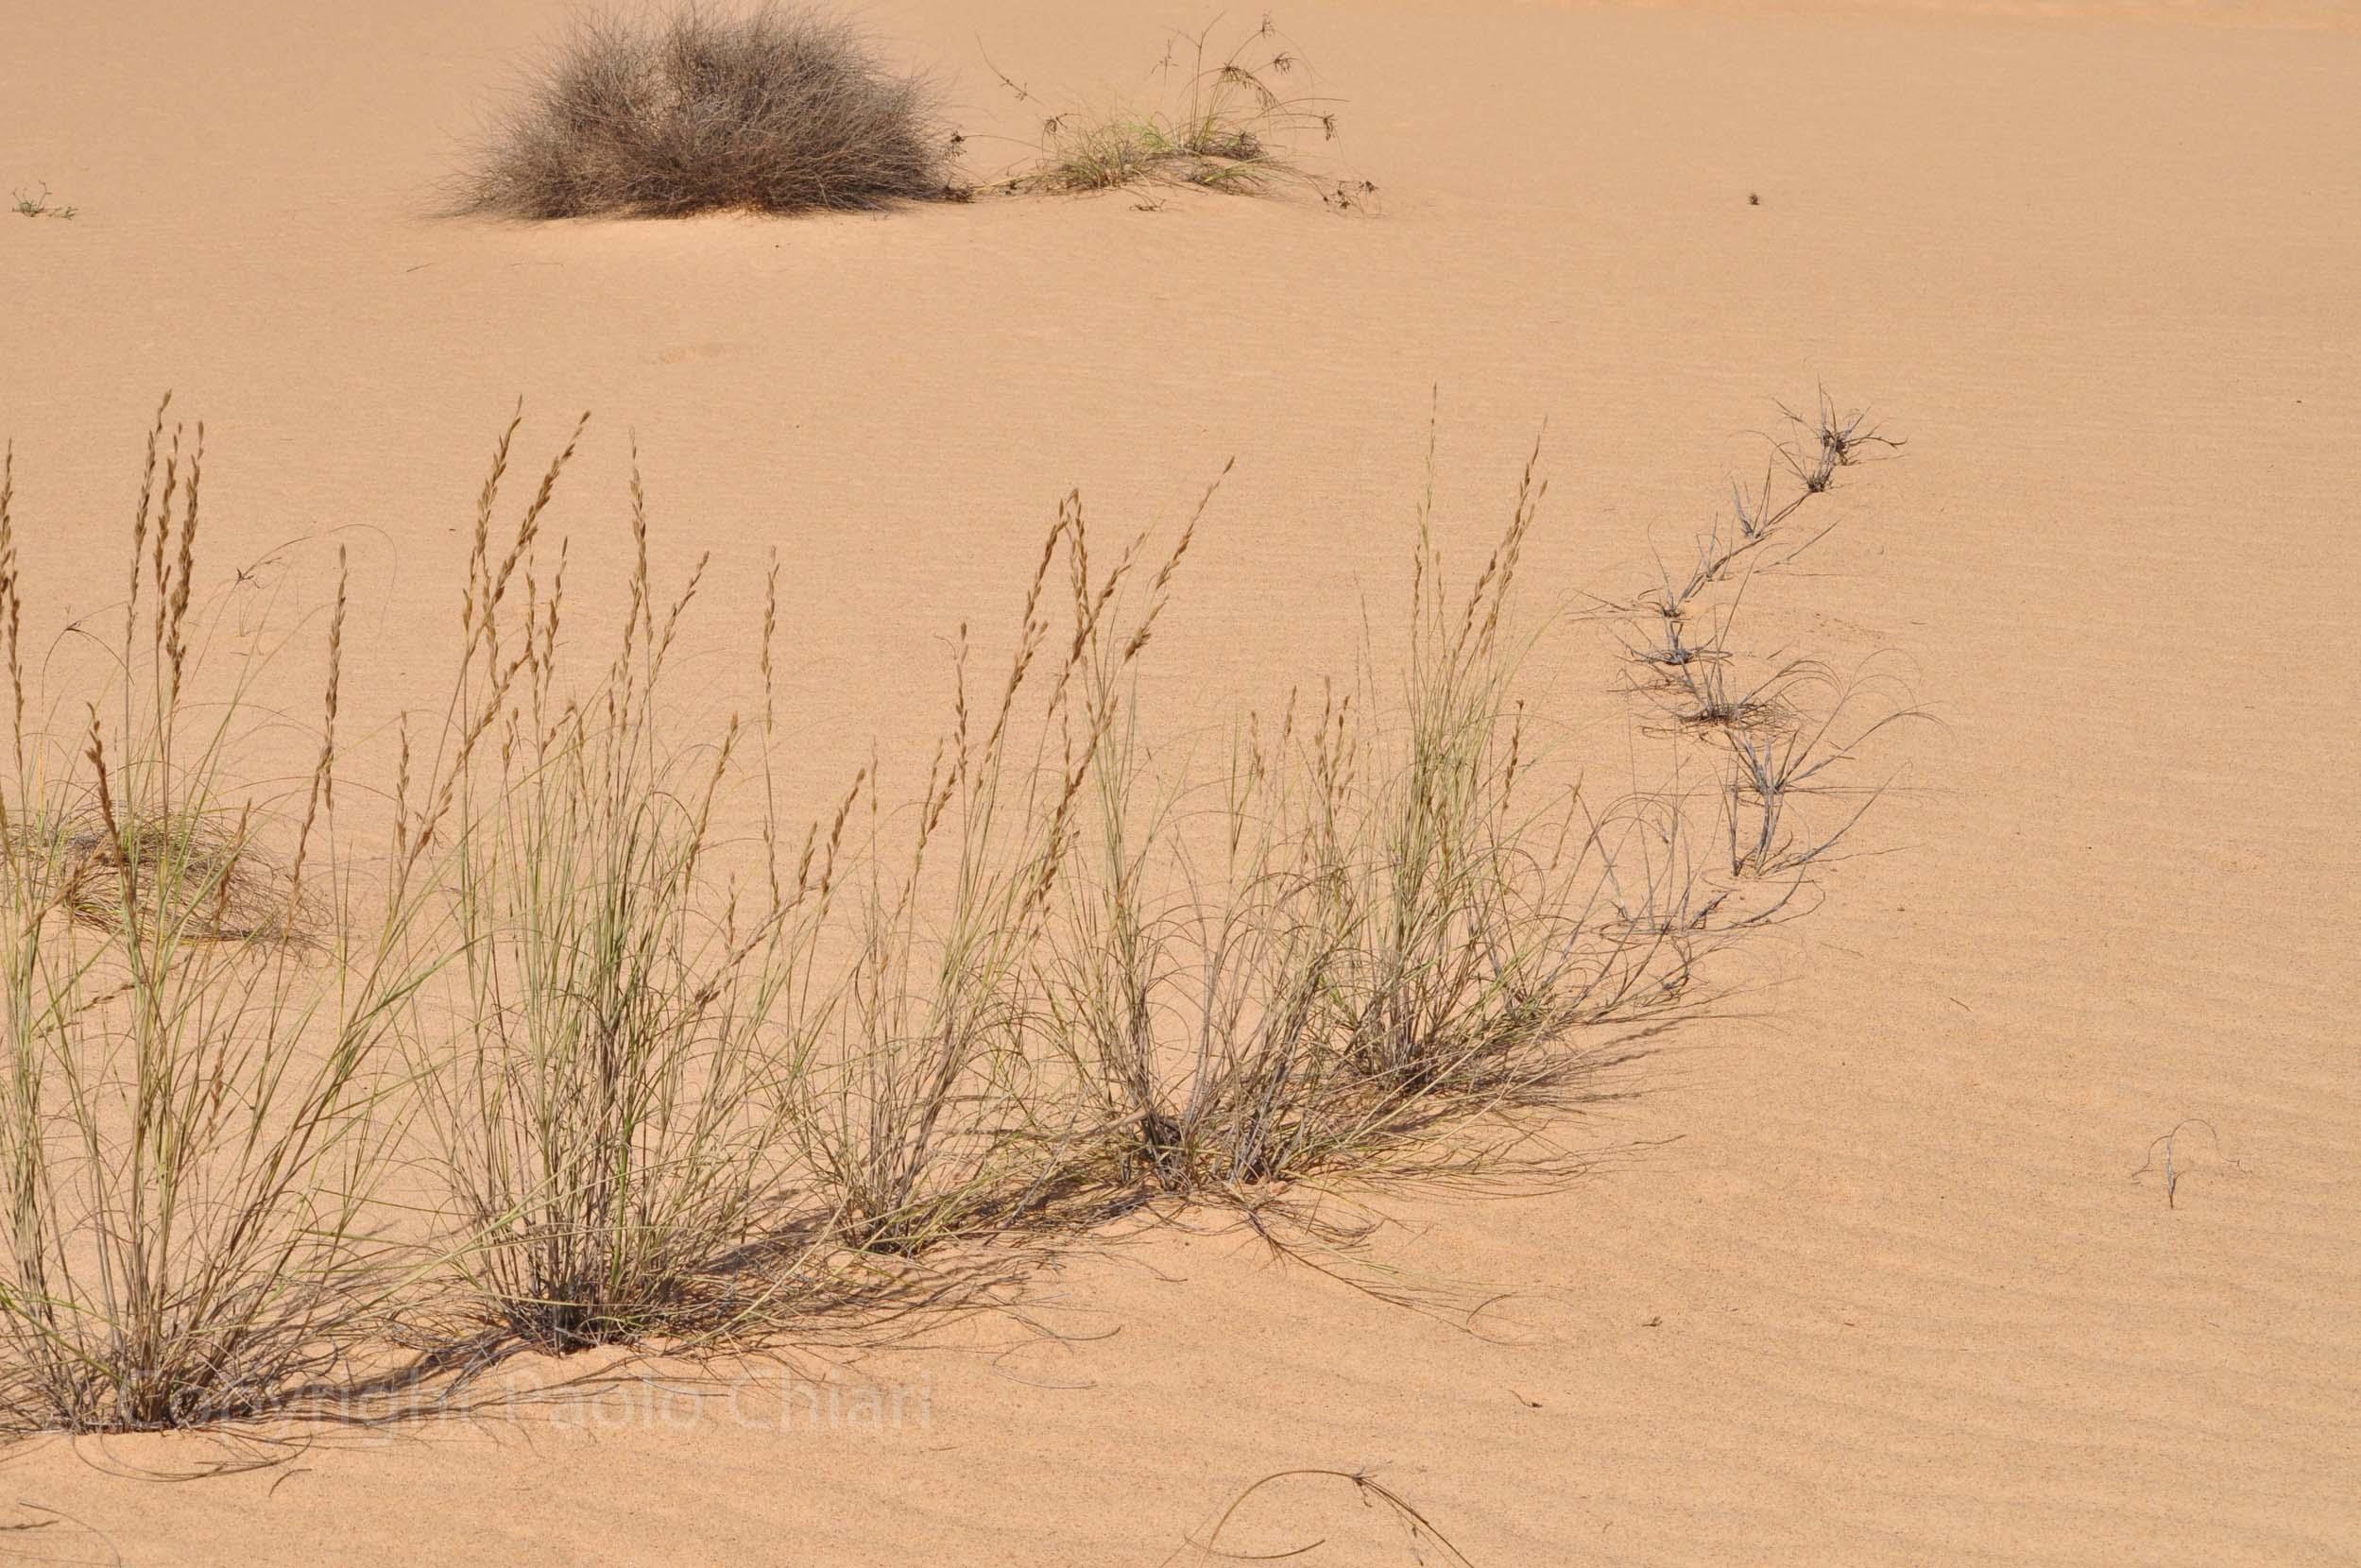 203_Oman13_0503